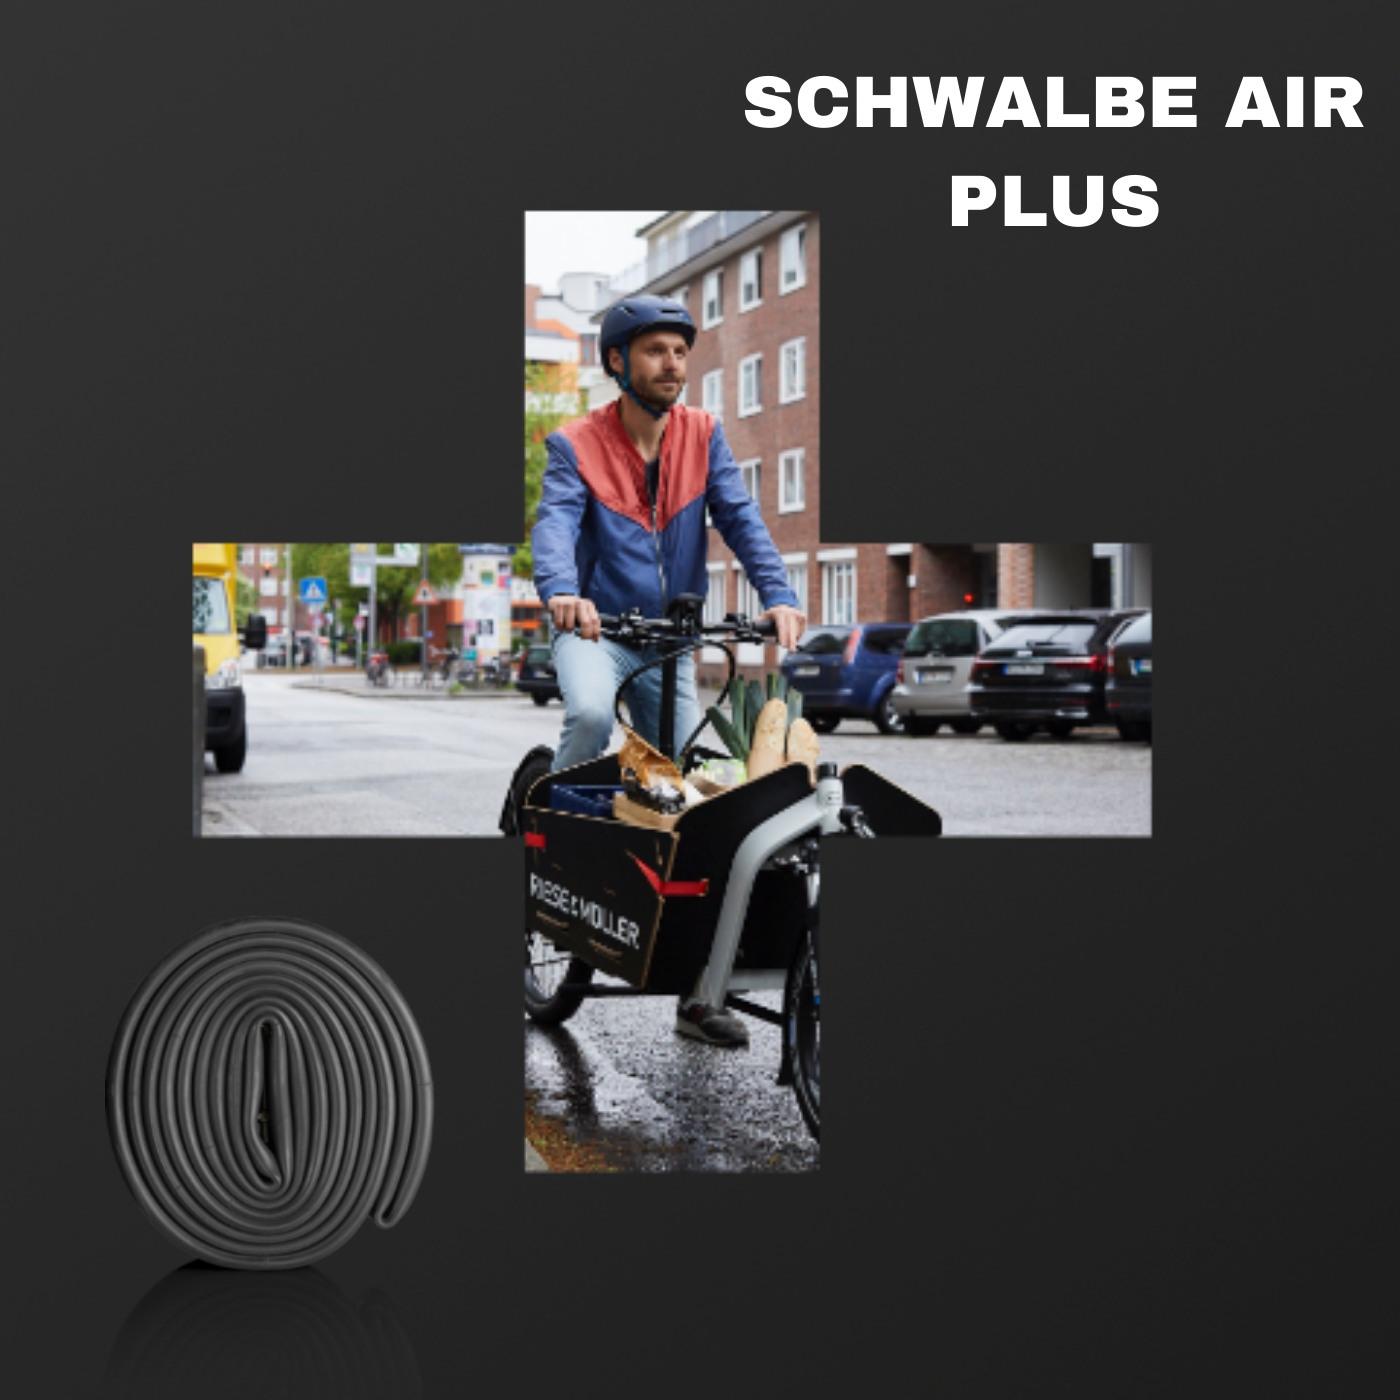 Câmara de ar SCHWALBE AIR PLUS